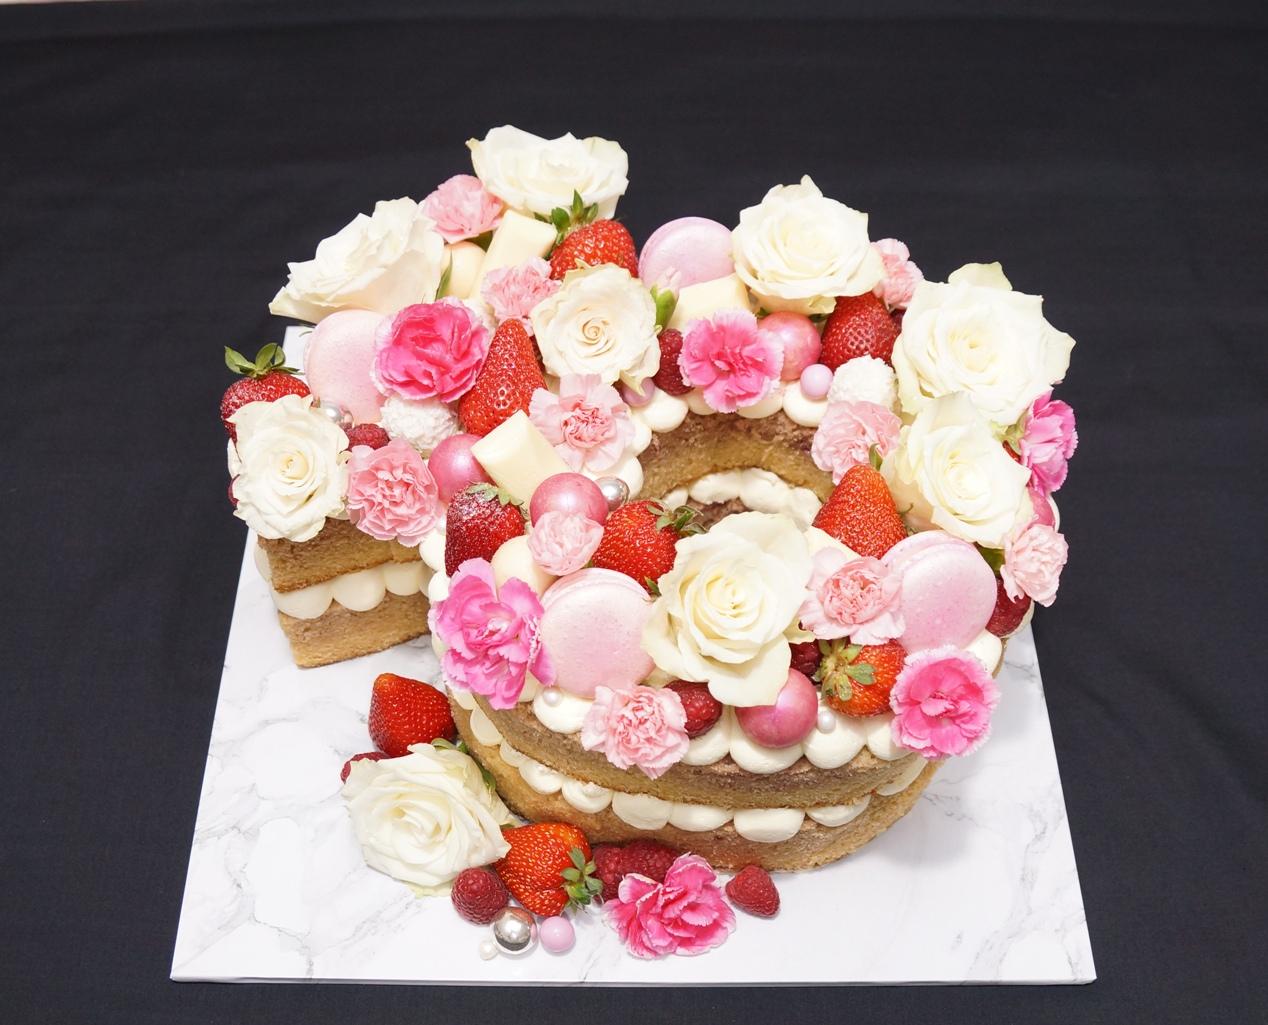 Engagement ring shape cake with fresh fl